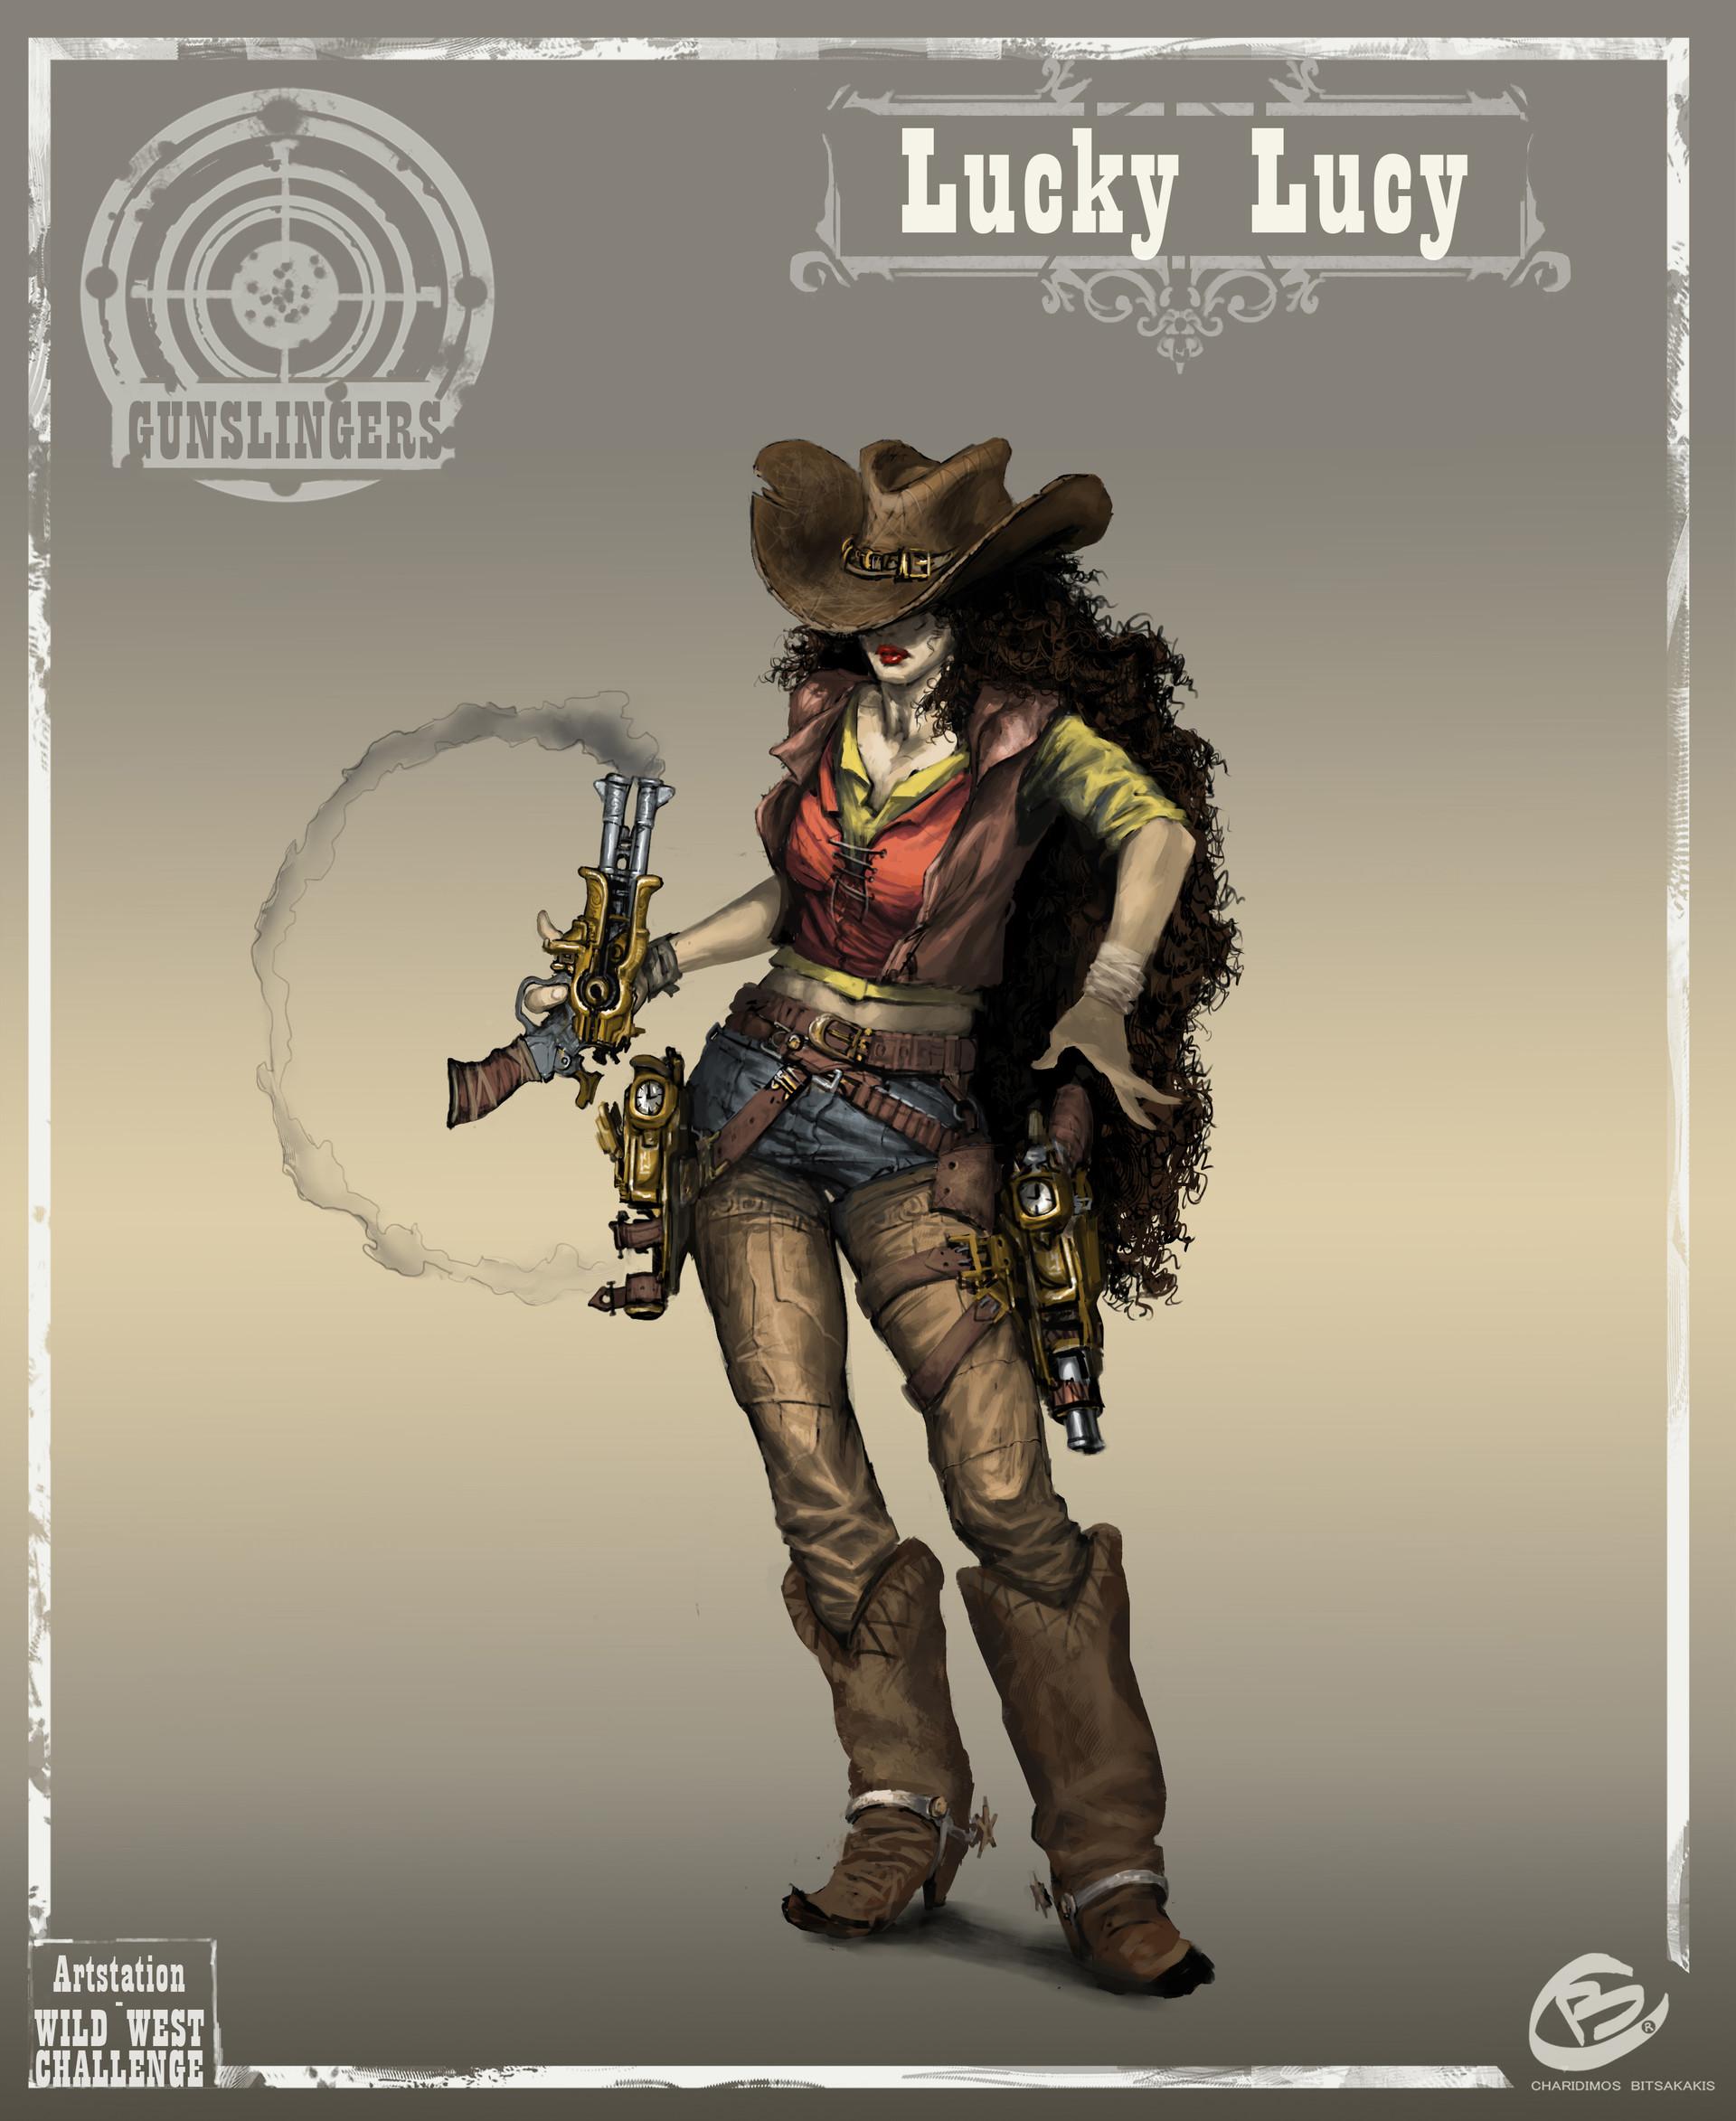 Gunslingers - Lucky Lucy